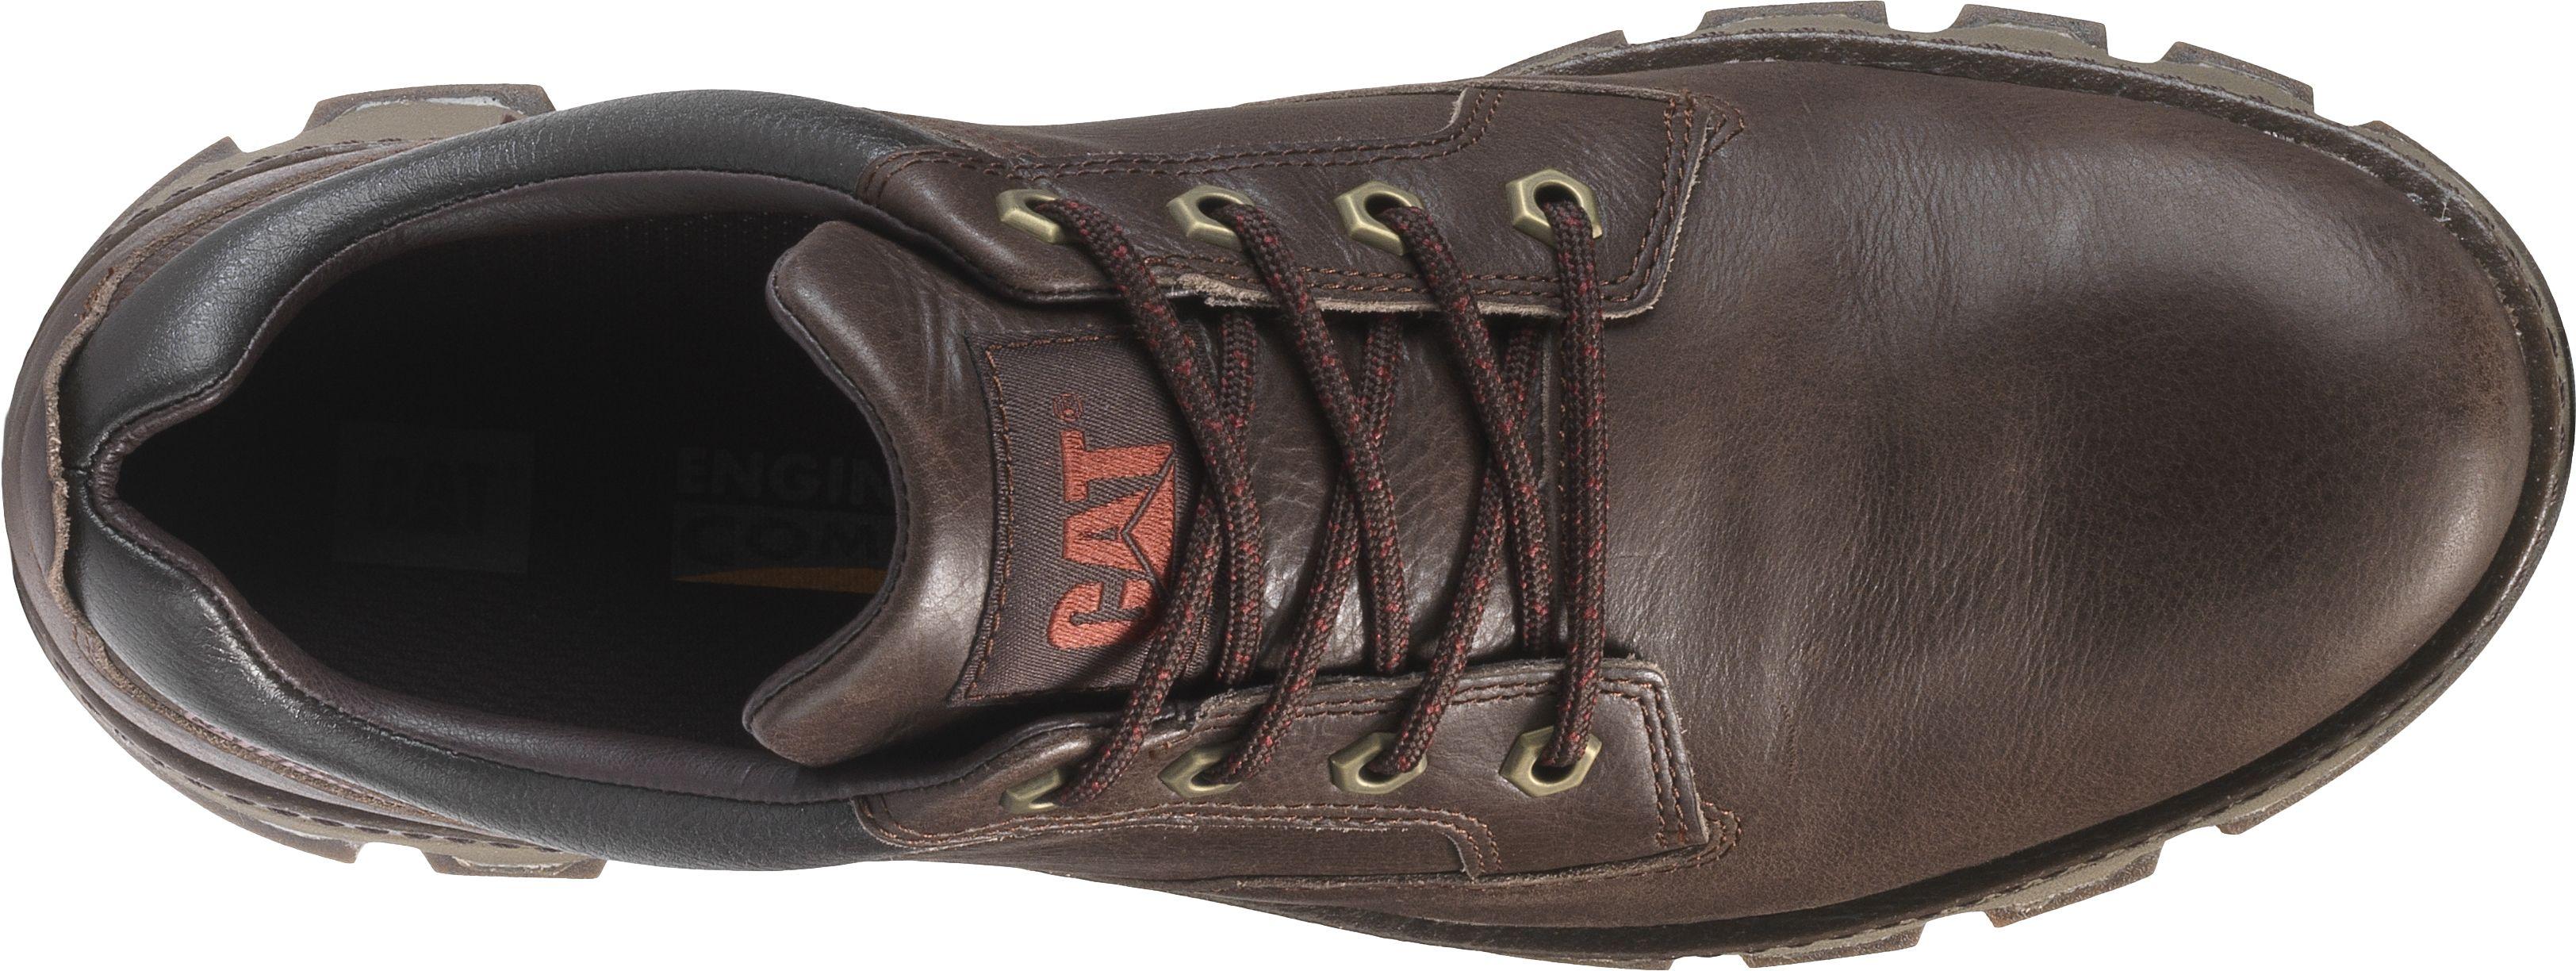 miniature 10 - CAT-CATERPILLAR-Ajax-en-Cuir-Sneakers-Tous-les-Jours-Chaussures-Hommes-Nouveau